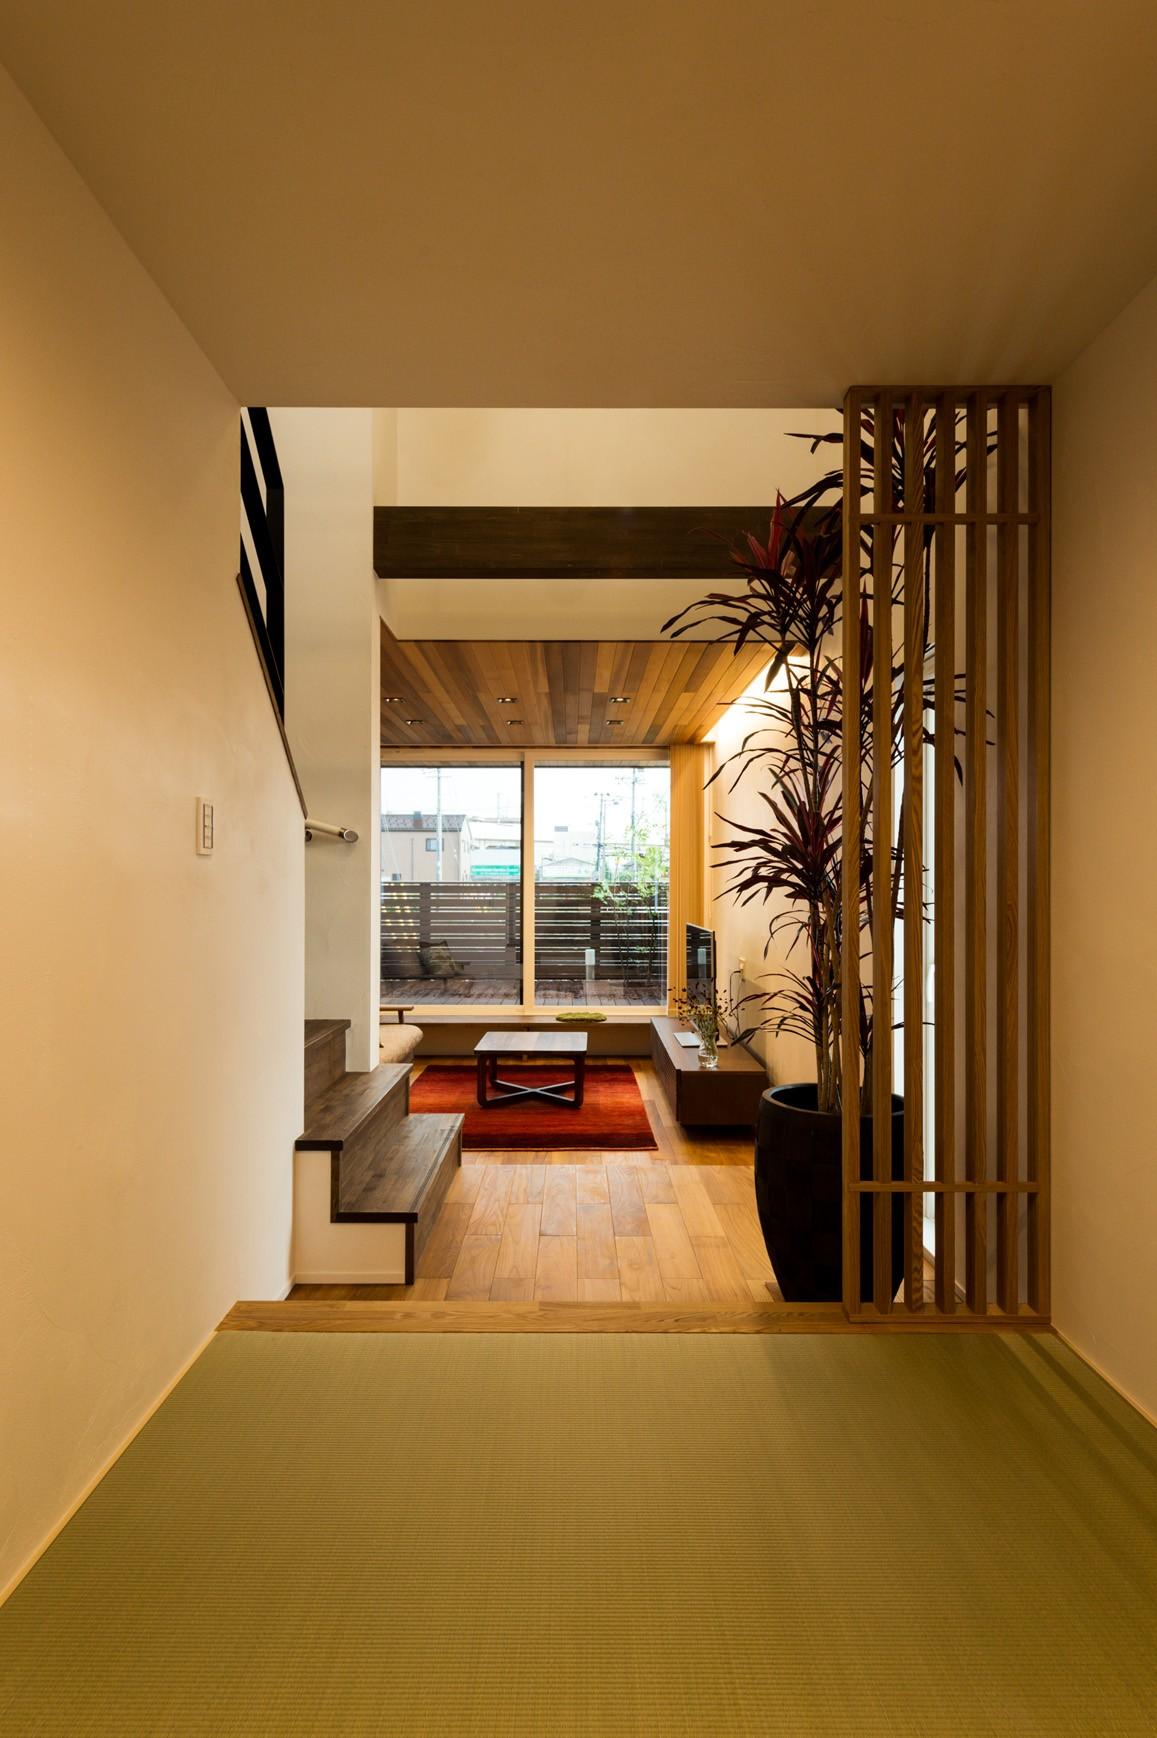 フクダハウジング株式会社「ワンランク上の美しさと機能性の高い家」のモダン・シンプル・ナチュラルな居室の実例写真